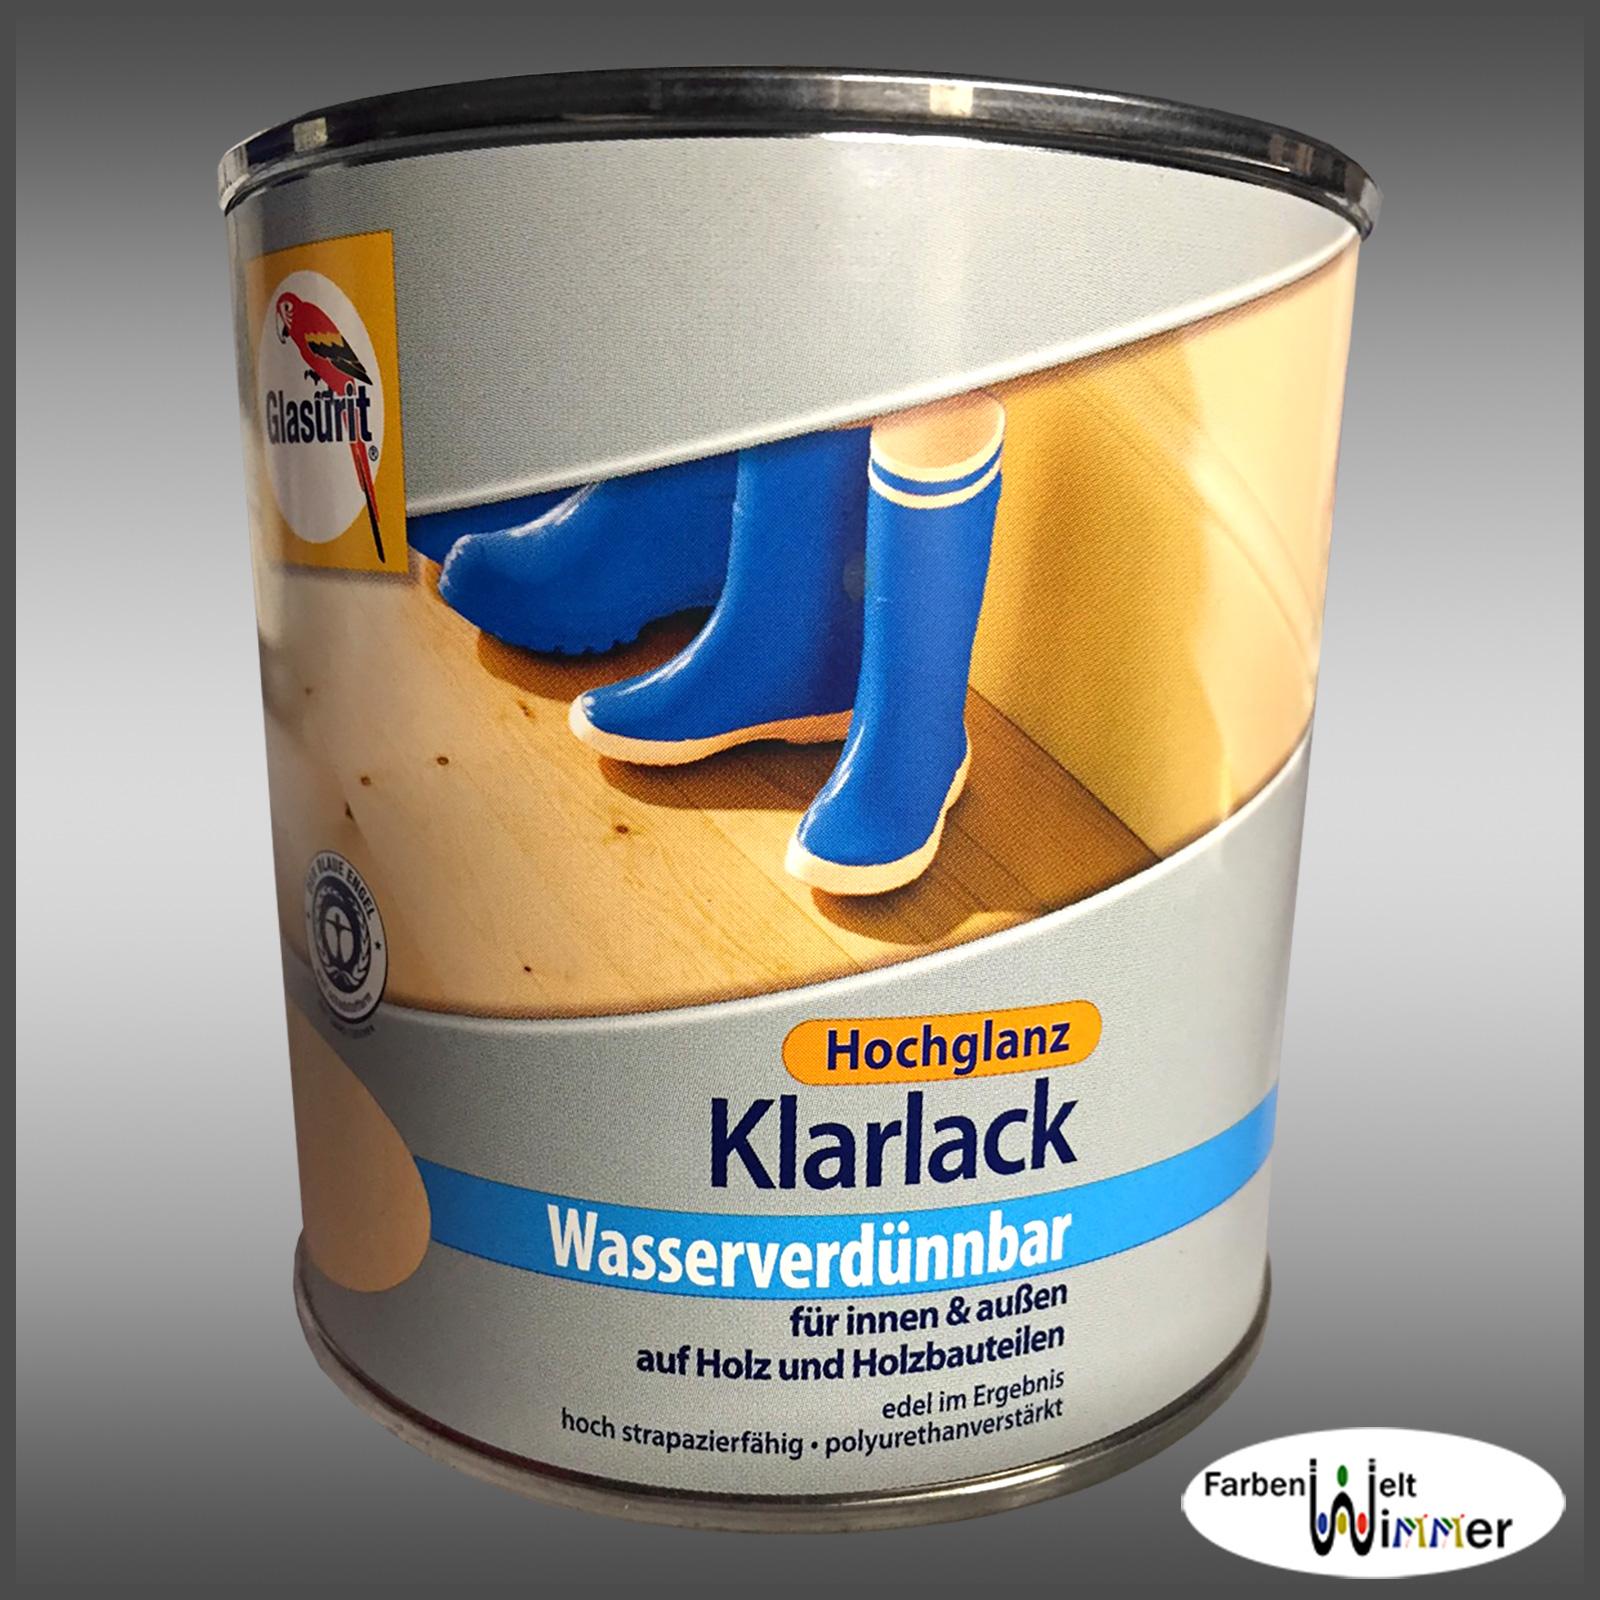 farbenwelt wimmer glasurit klarlack wasserverd nnbar. Black Bedroom Furniture Sets. Home Design Ideas